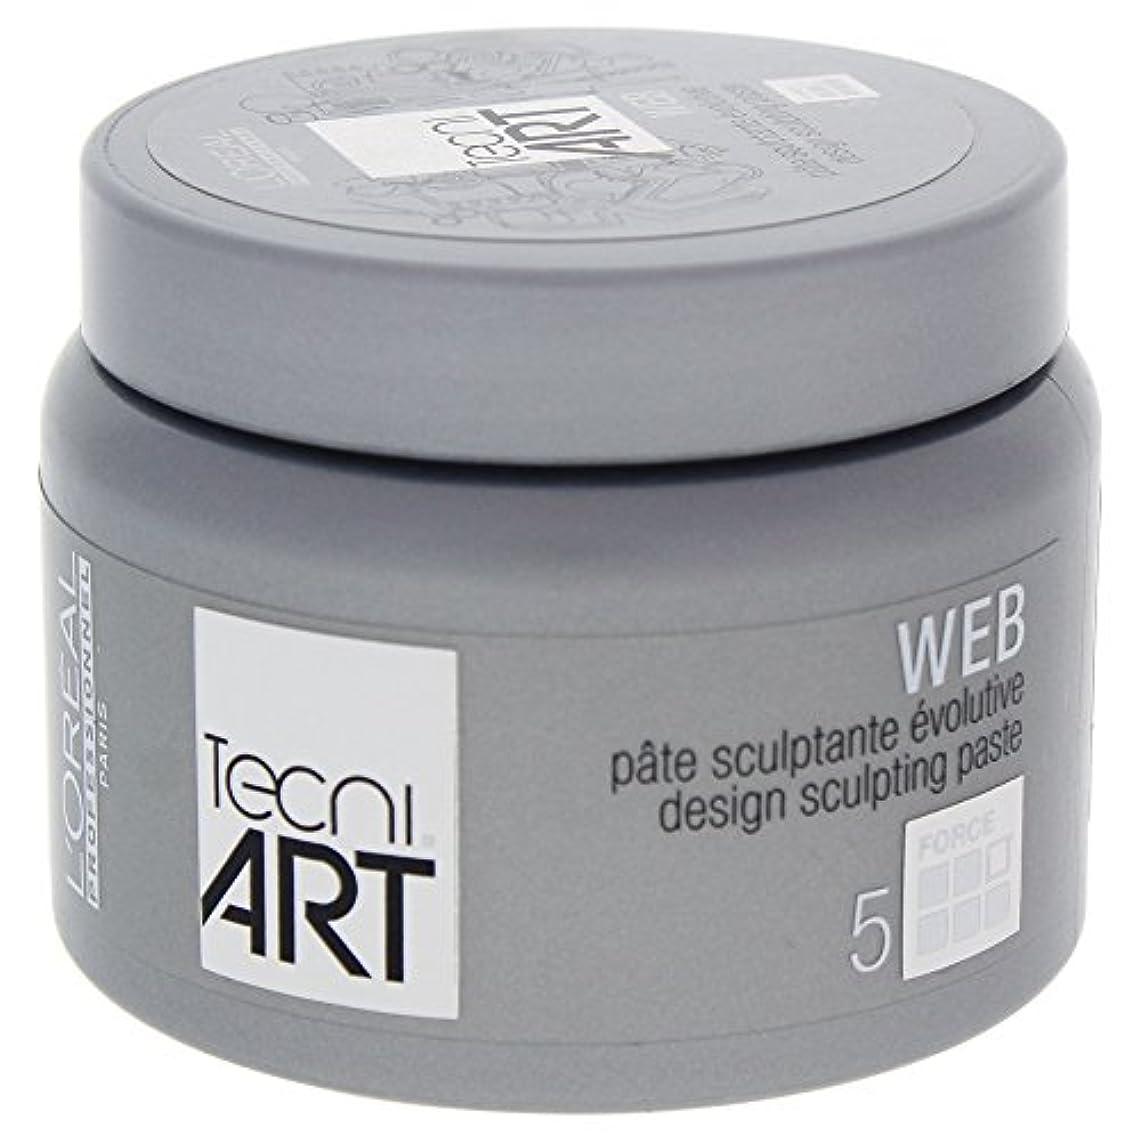 夕方自宅で薬理学ロレアルテクニアートTecni Art Force 5 Web Design Sculpting Paste